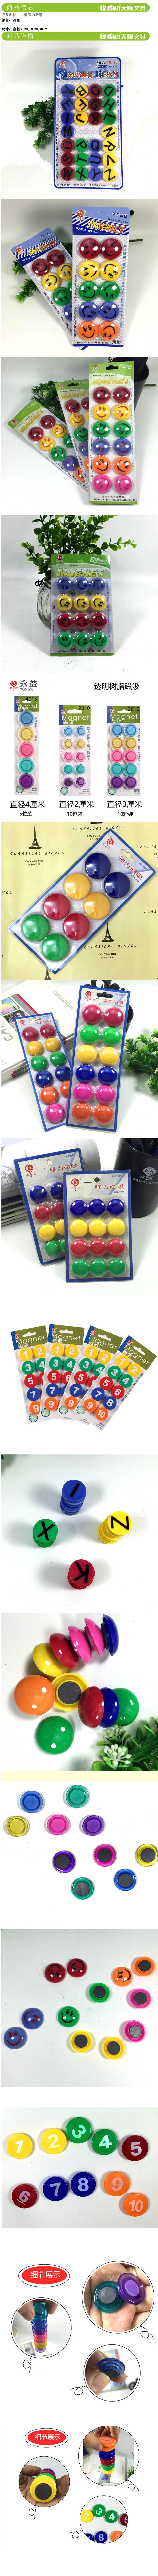 永益 黑板吸 教学白板磁粒 笑脸磁粒 塑料磁粒 办公磁粒磁吸磁钉 冰箱贴 3012A彩色直径3CM